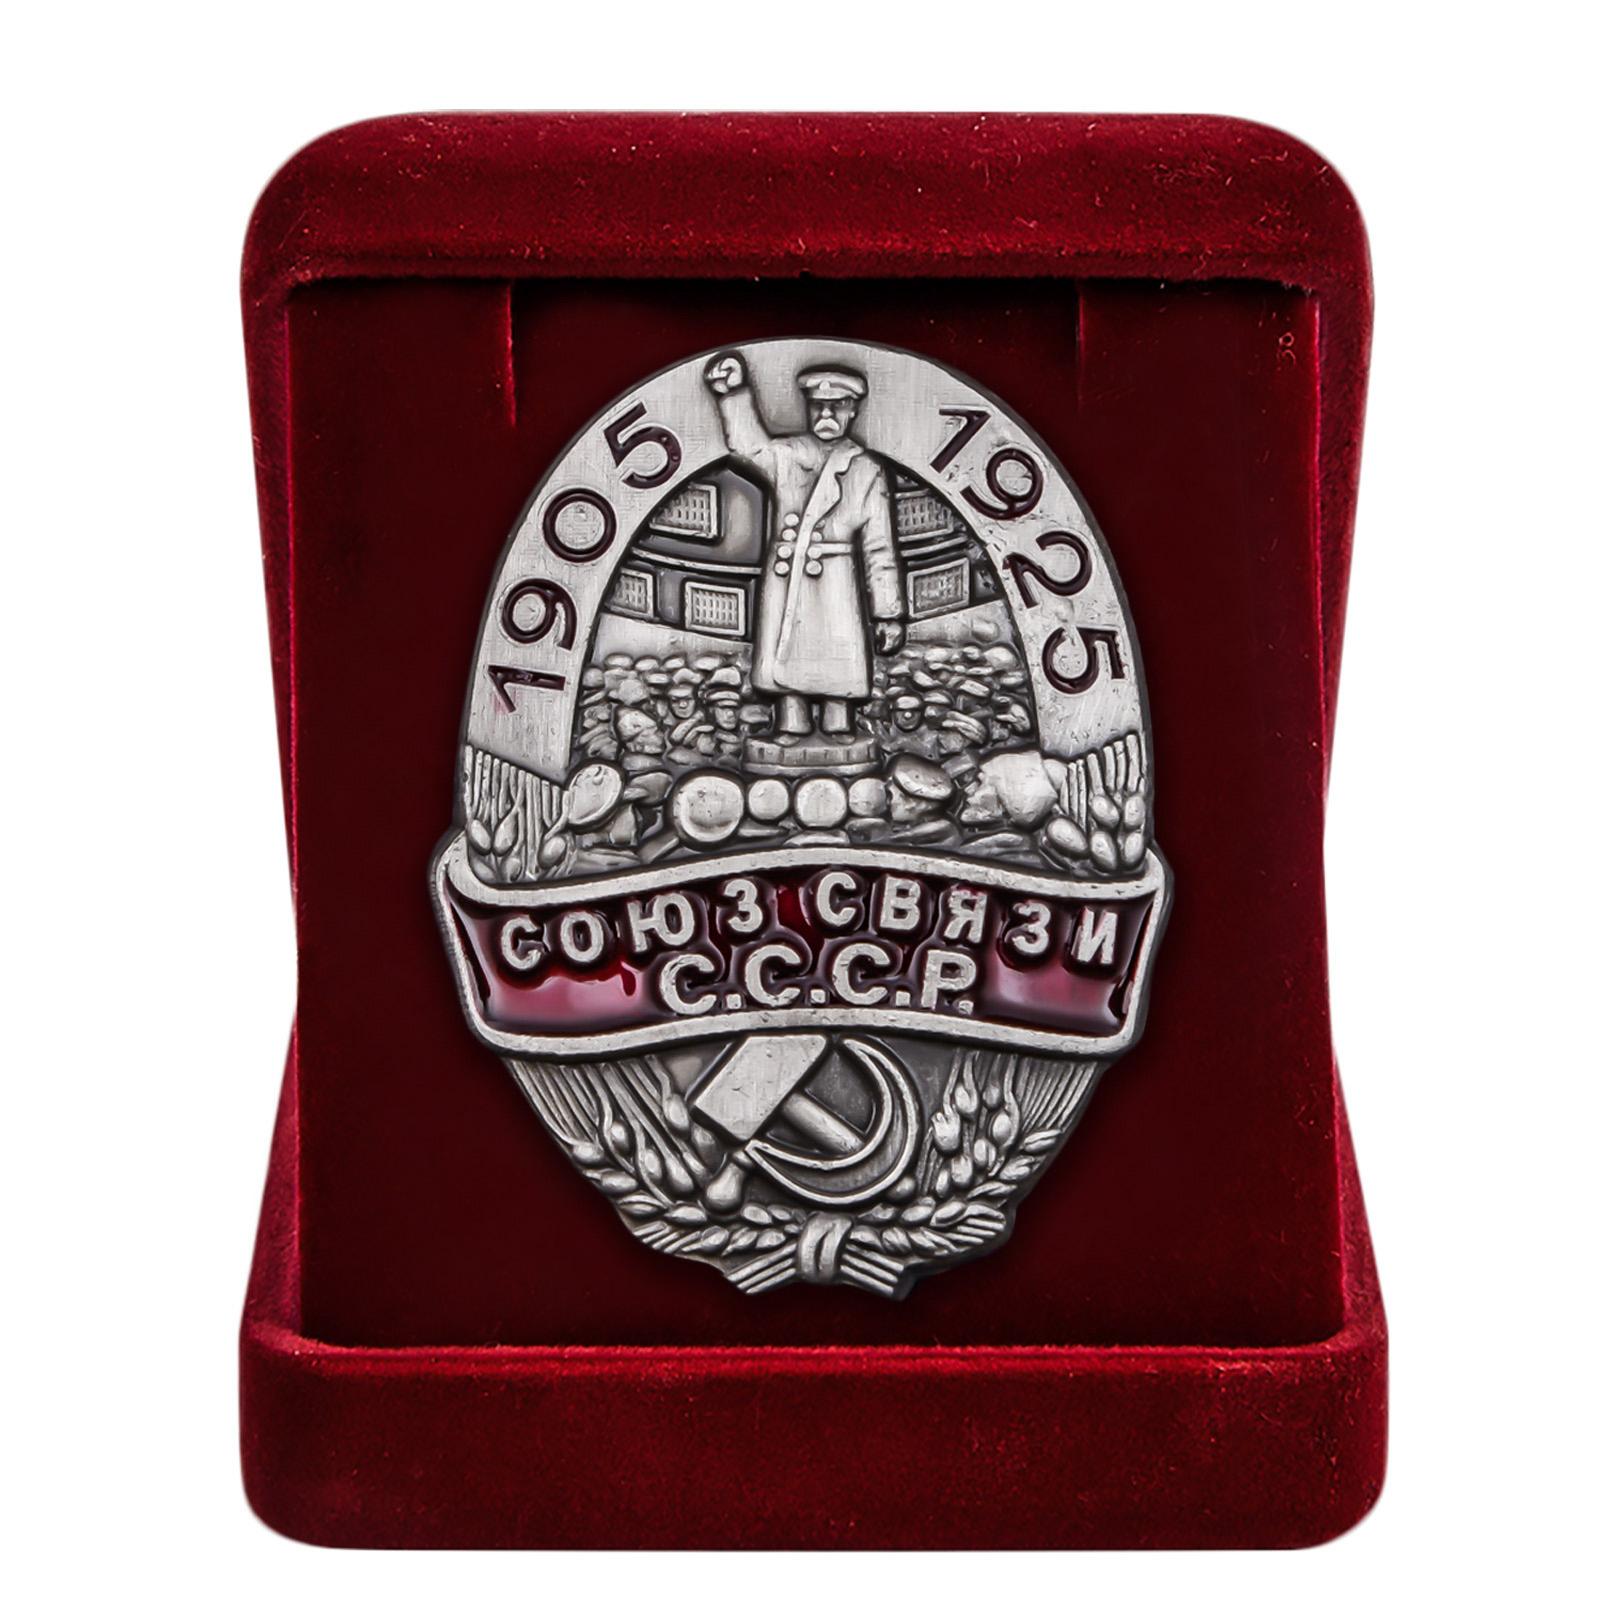 Купить нагрудный знак Союз связи СССР (1905-1925) в подарок мужчине